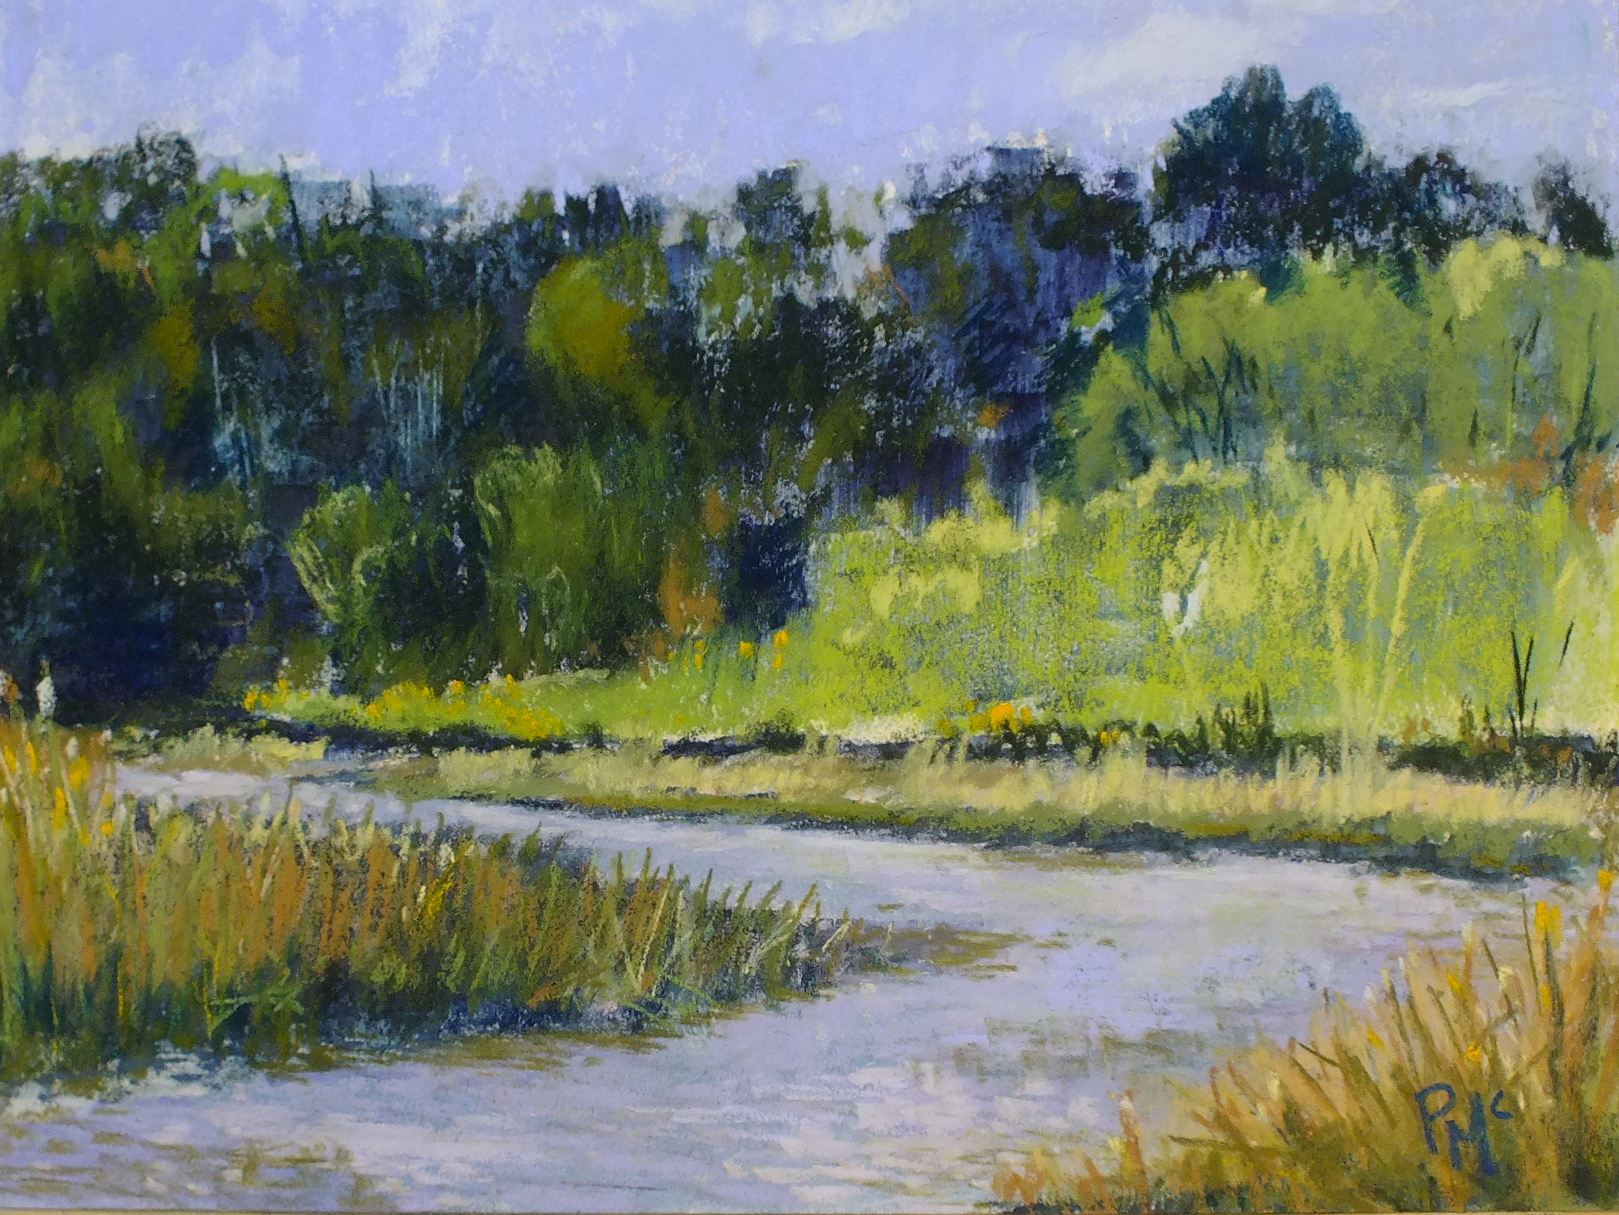 Morgnec Creek